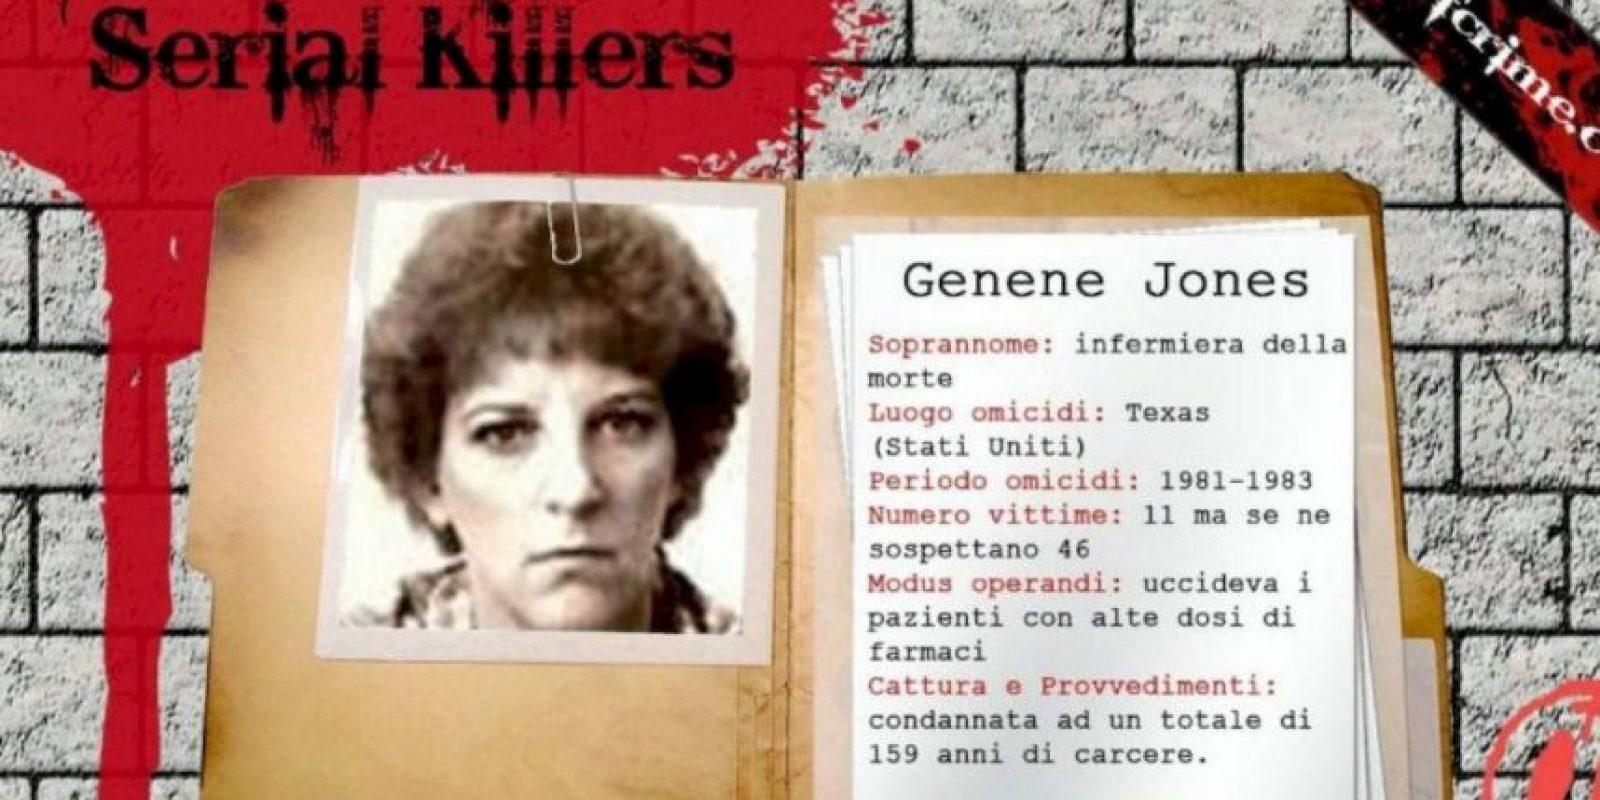 ¡Brutales! Estas son las 7 peores enfermeras asesinas de la Historia Genene Jones, 'Baby Killer', asesina de bebés en serie. Foto:HallofCrime